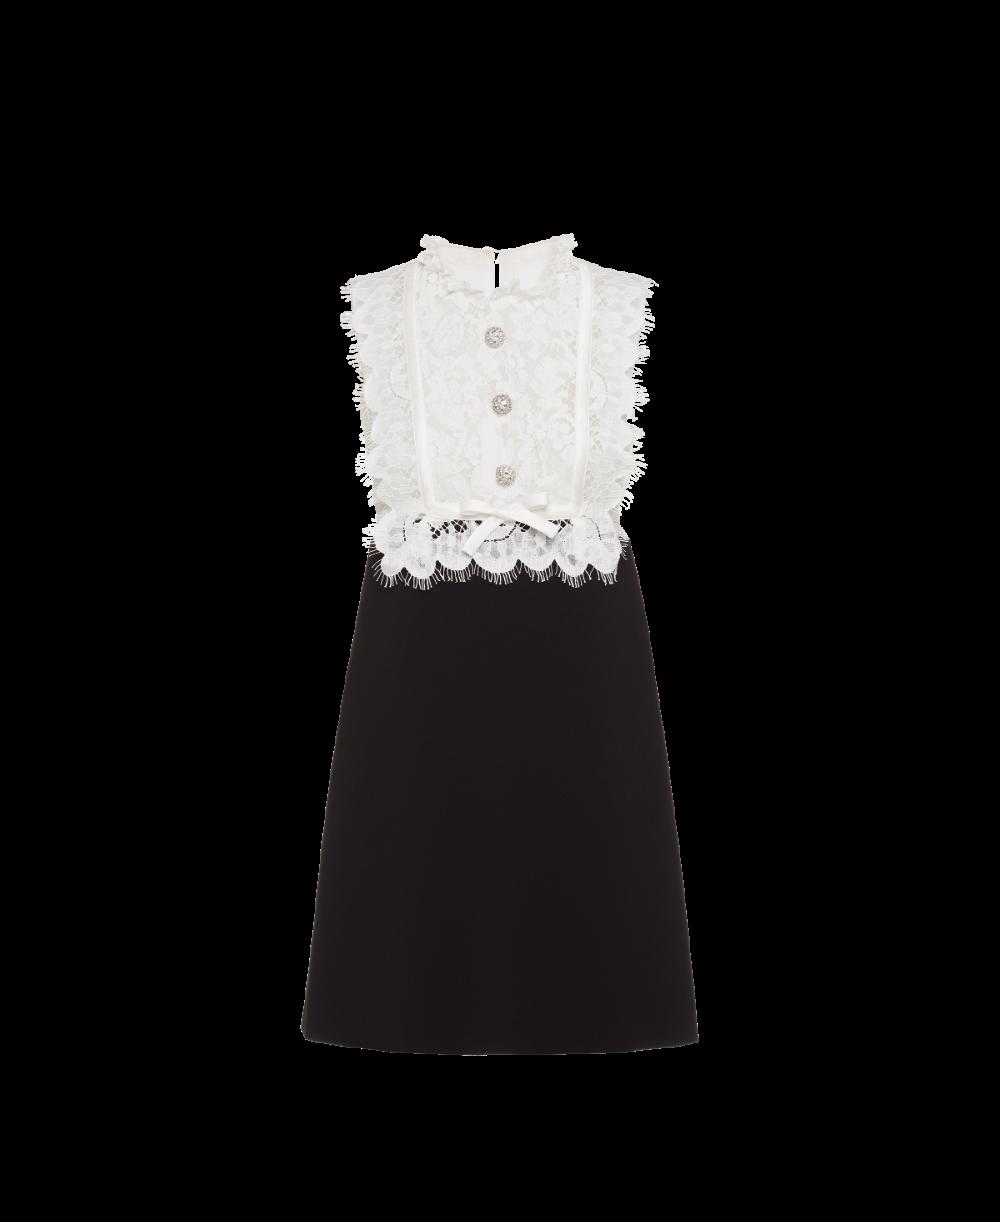 Faille cady dress #kpopfashion